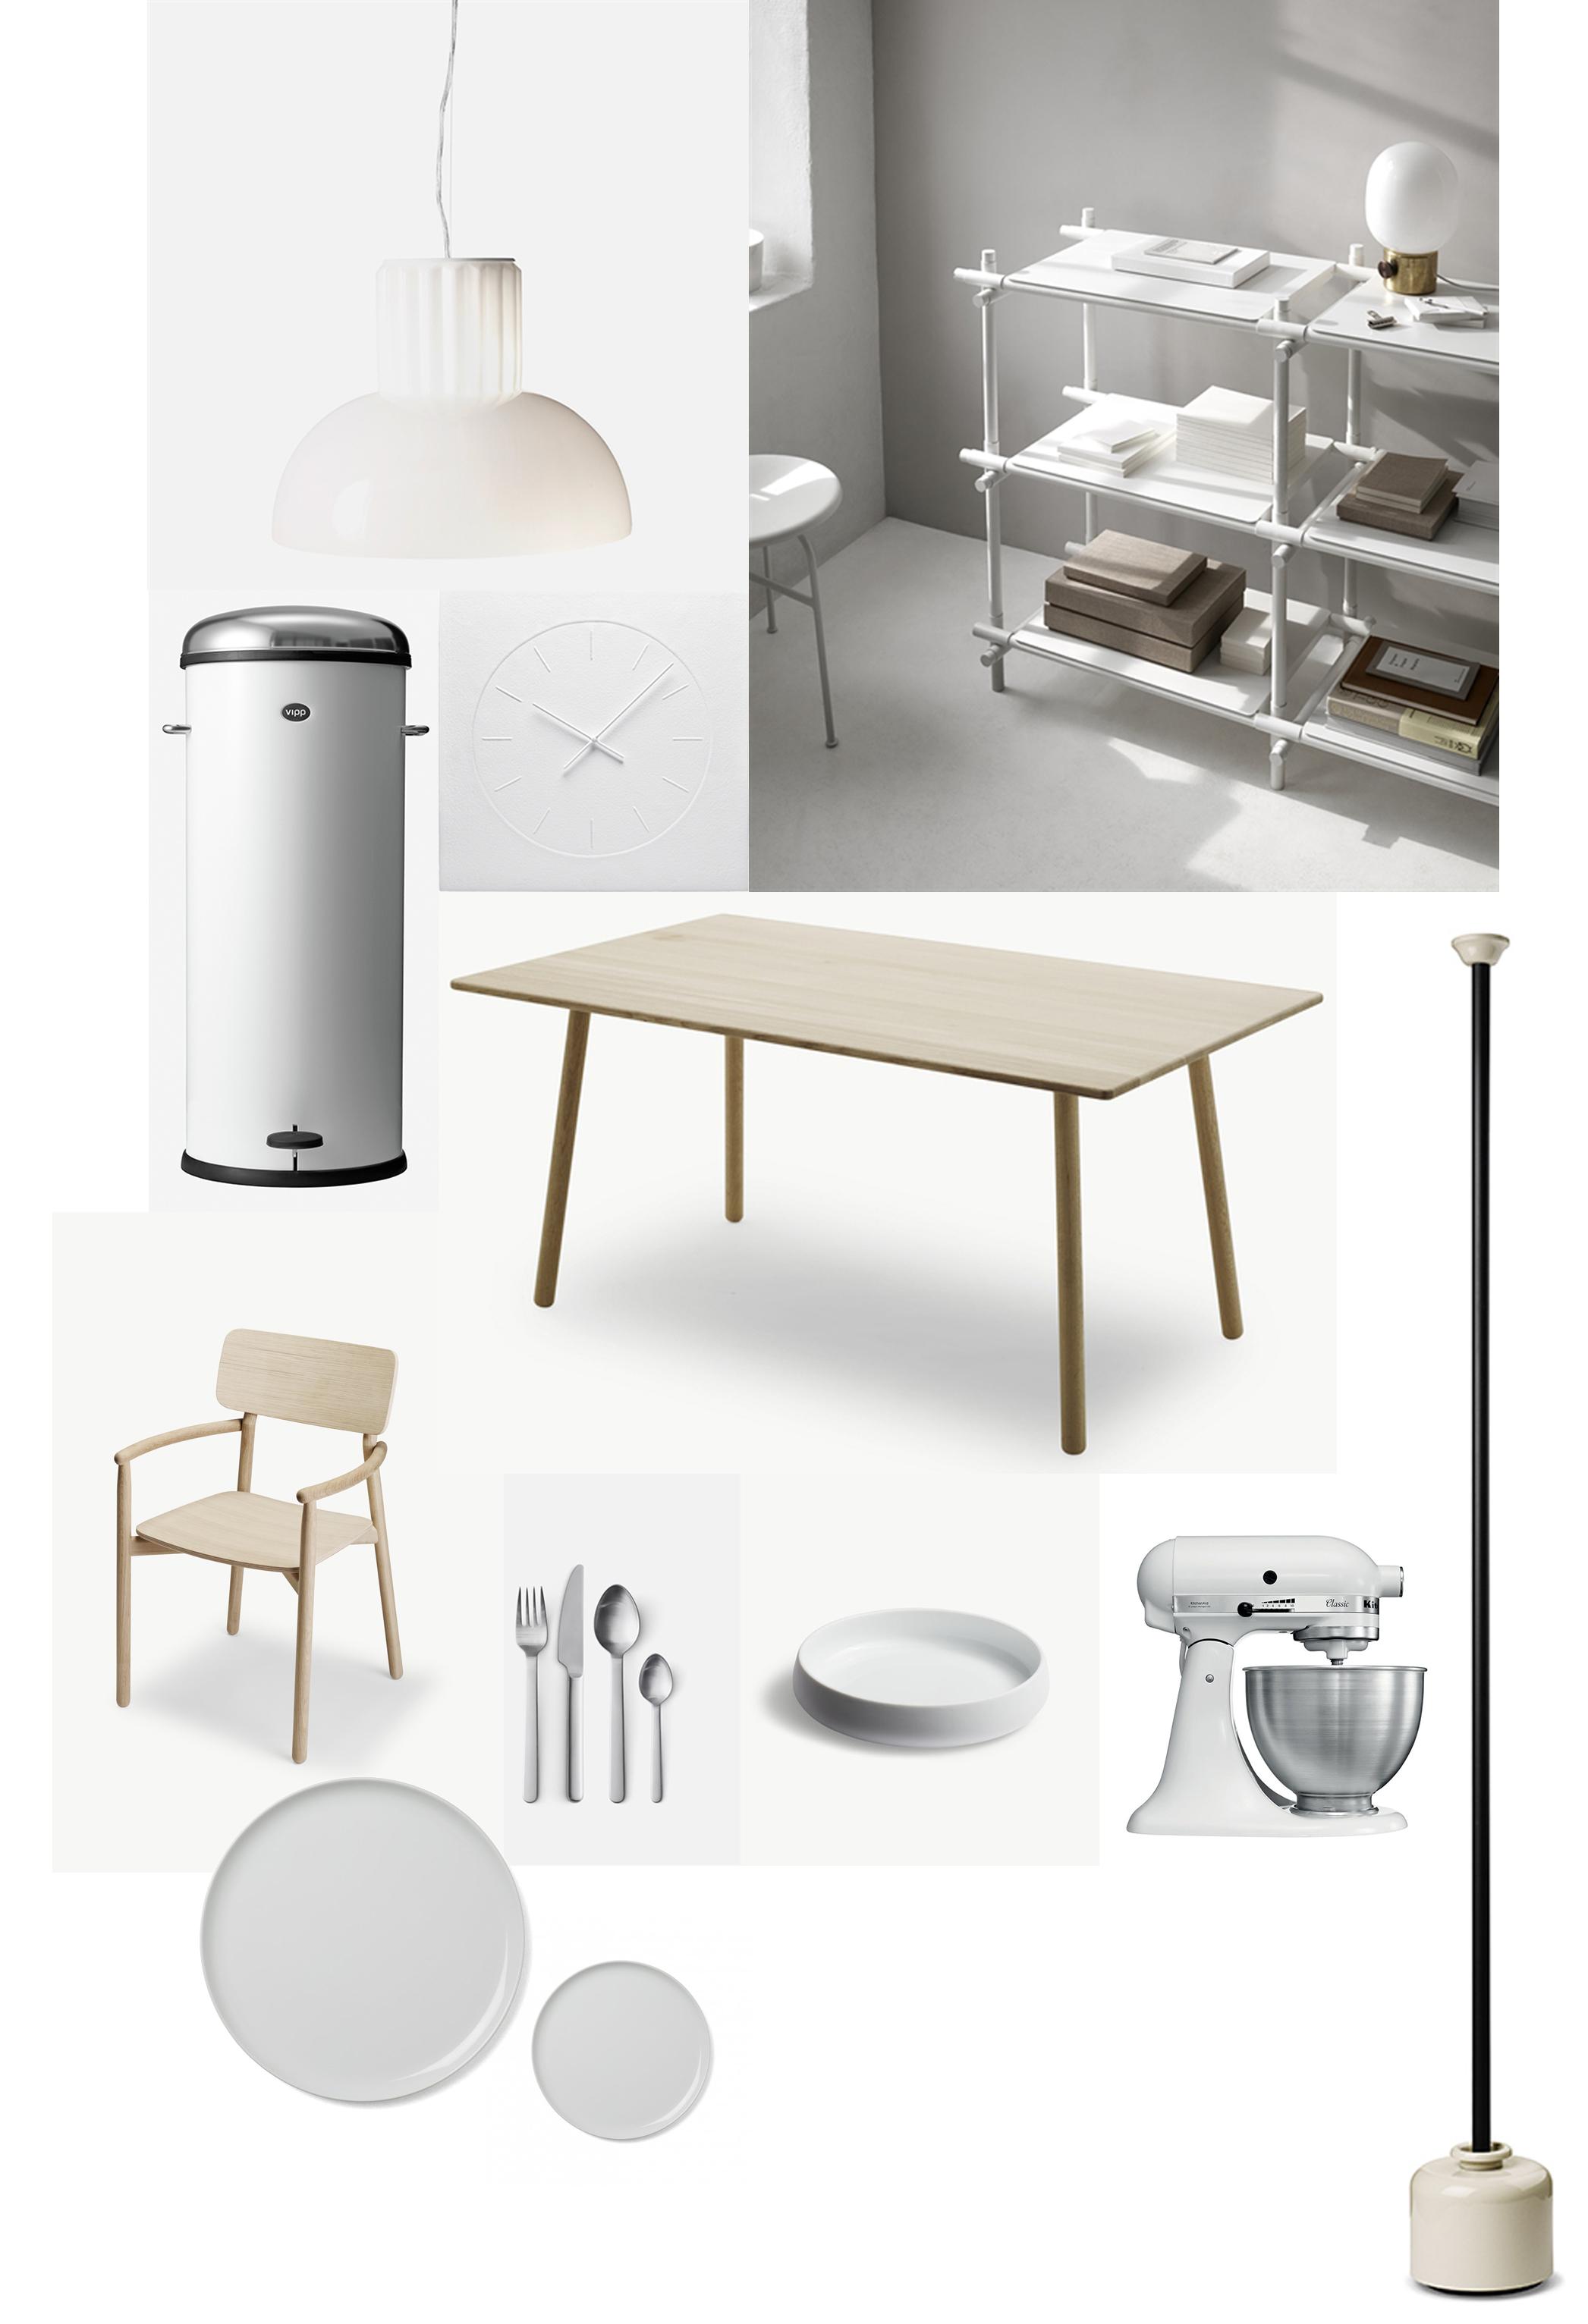 Scandinavian minimalist kitchen/diner inspiration